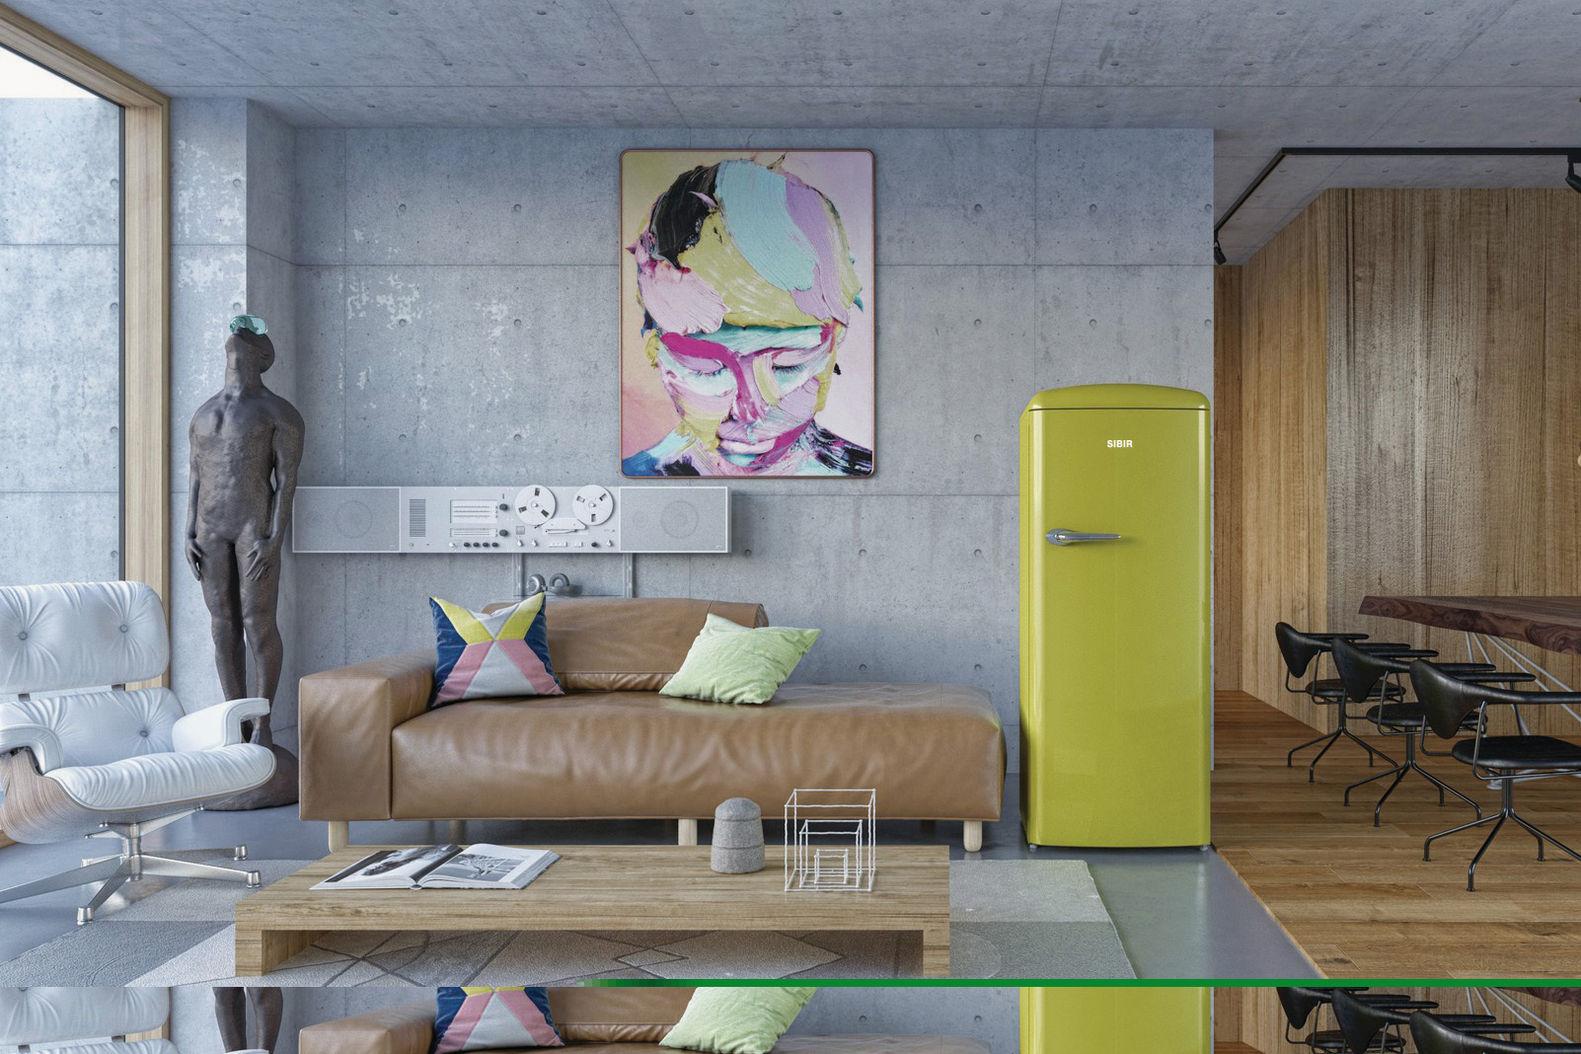 Retro Look Kühlschrank : Retro kühlschrank bringt stimmung und zauber in die küche mit